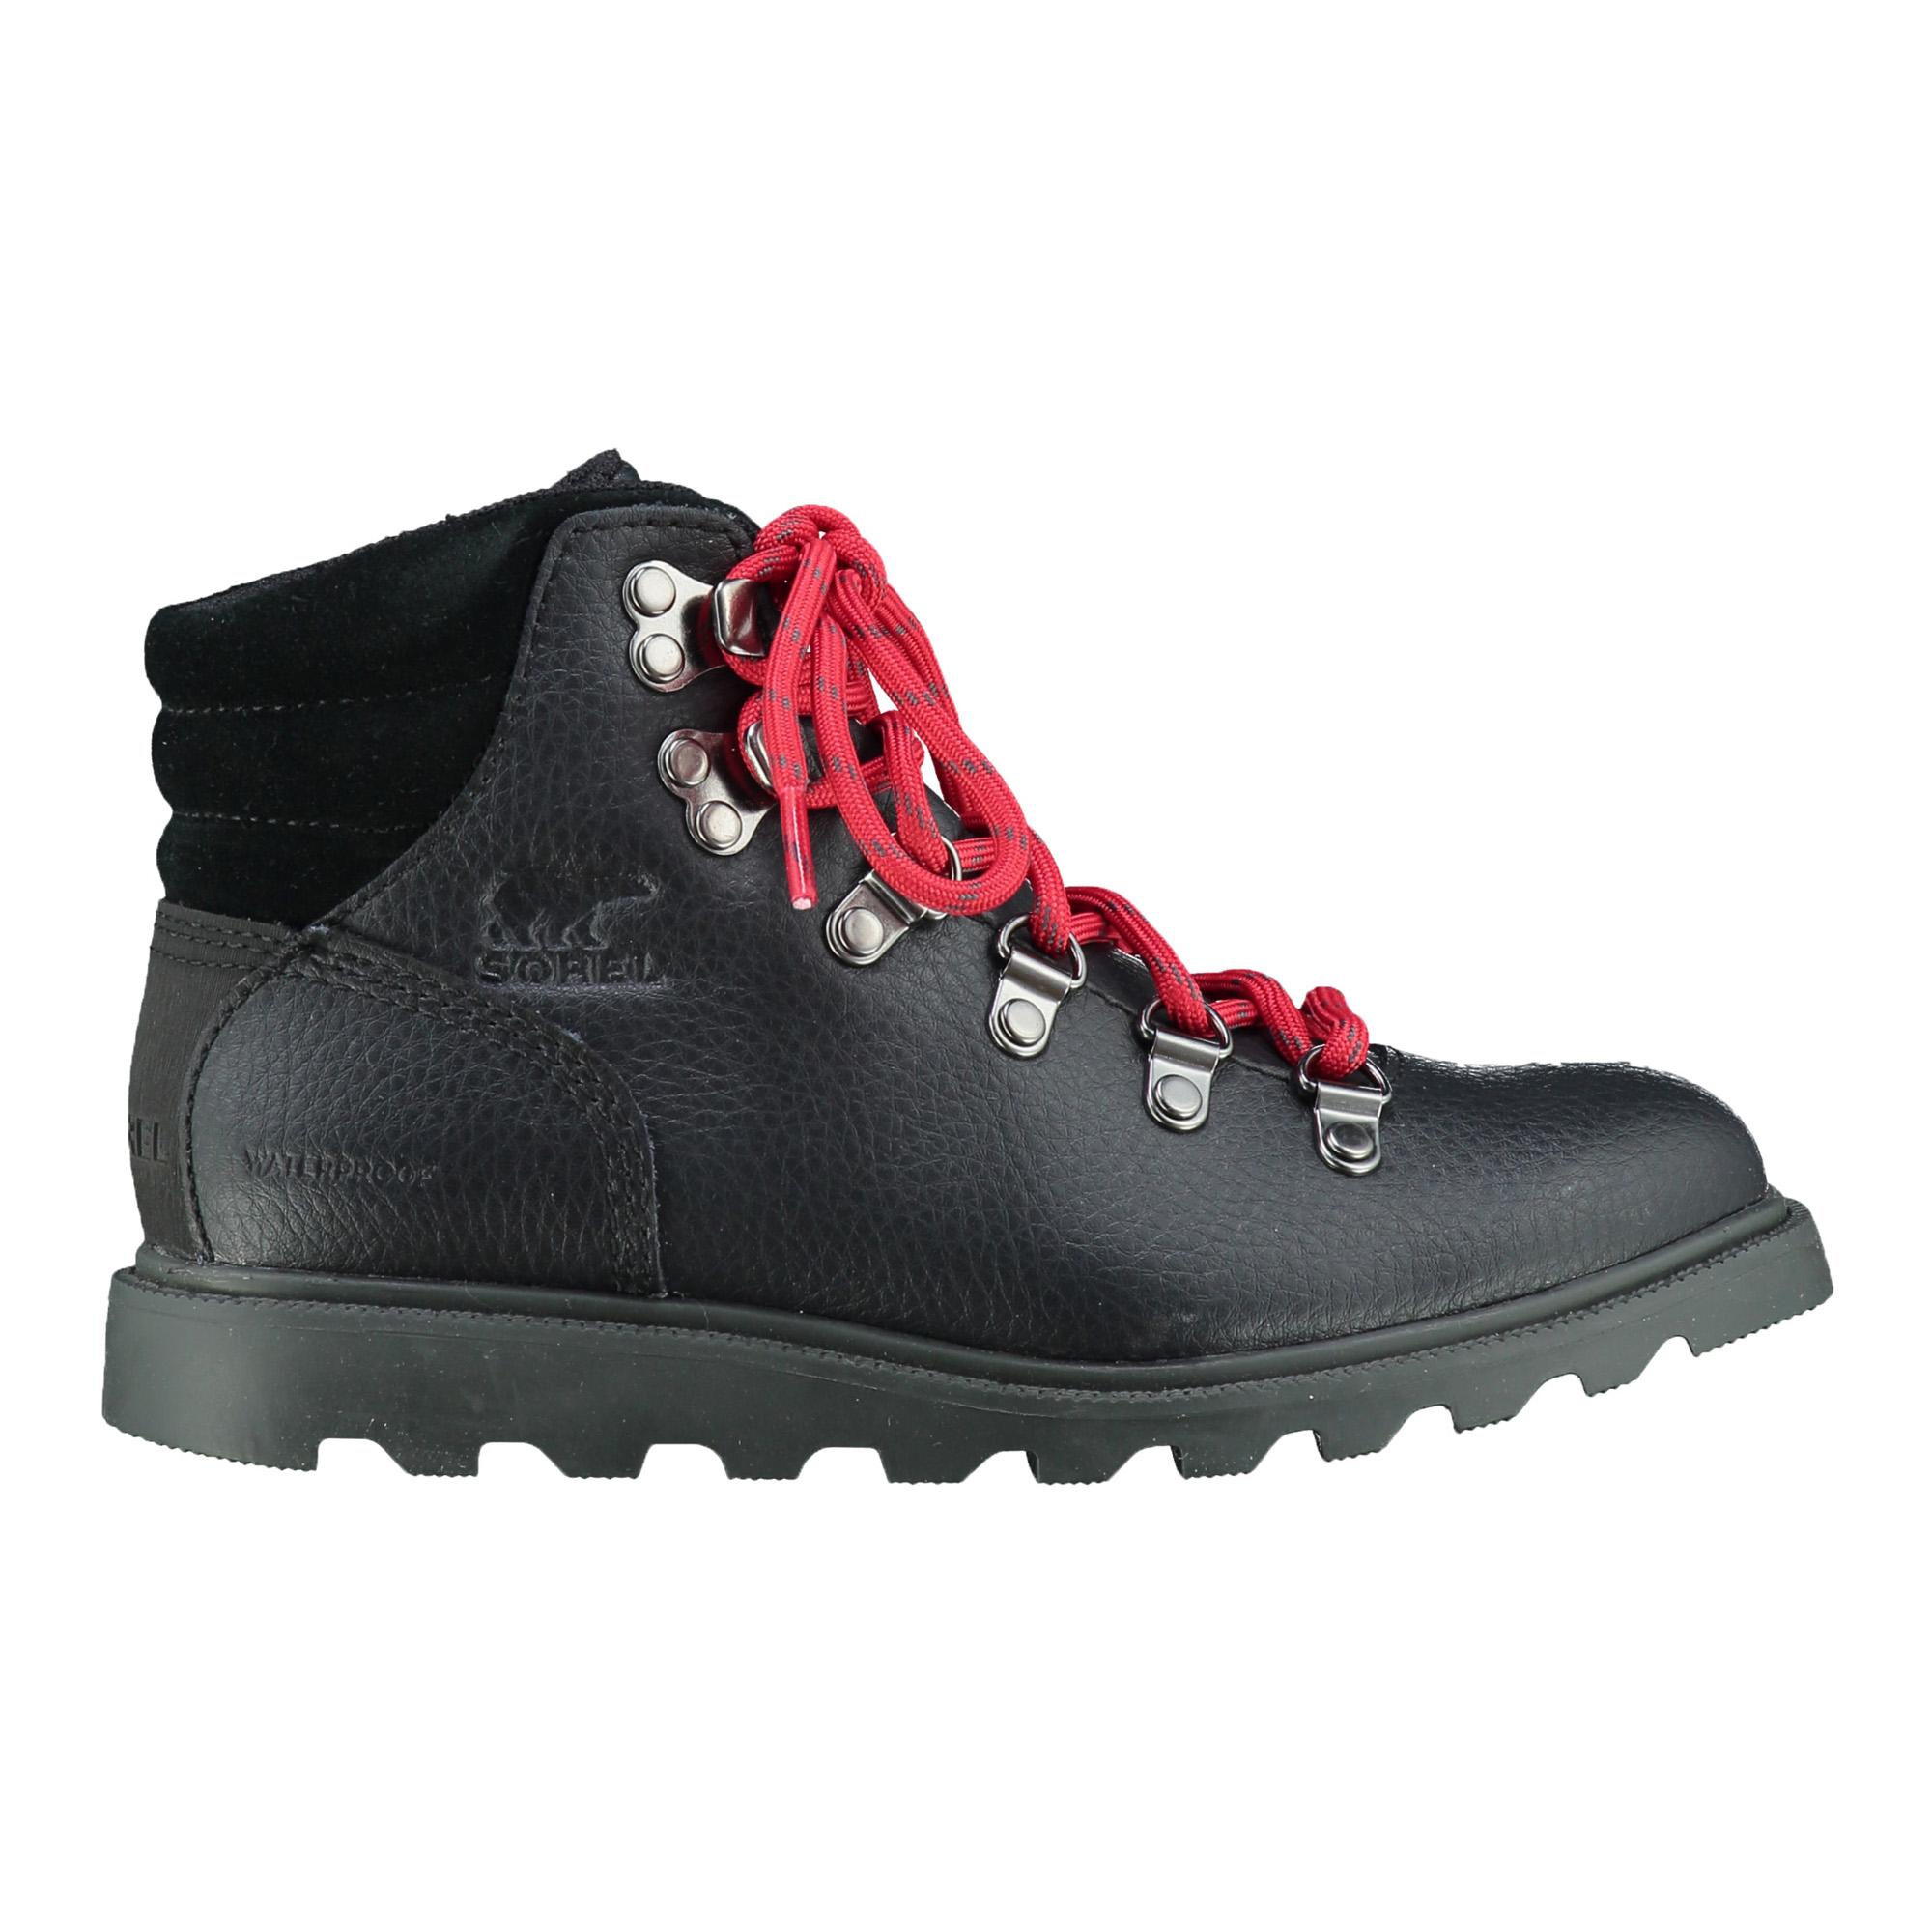 41fde21fb6e Saapad - Saapad - Laste jalatsid - Jalatsid